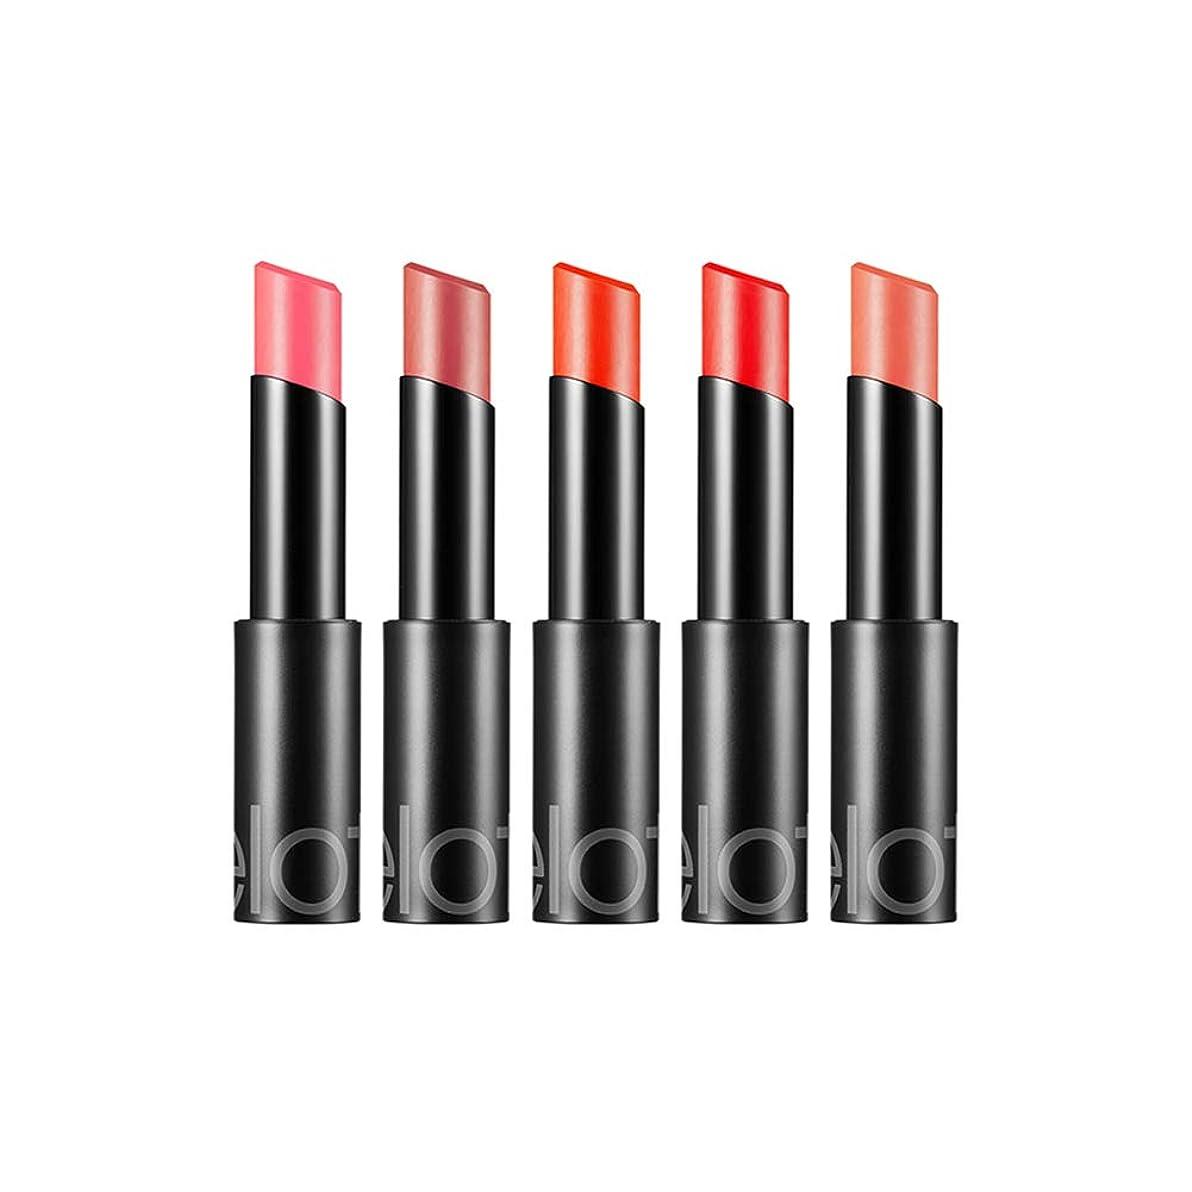 魅力ジェム橋脚【lotree公式】 lotree Colorment Cream Lip 3.5g/ロトリー カラーメント クリーム リップ 3.5g (#1 ピンク ホライズン)